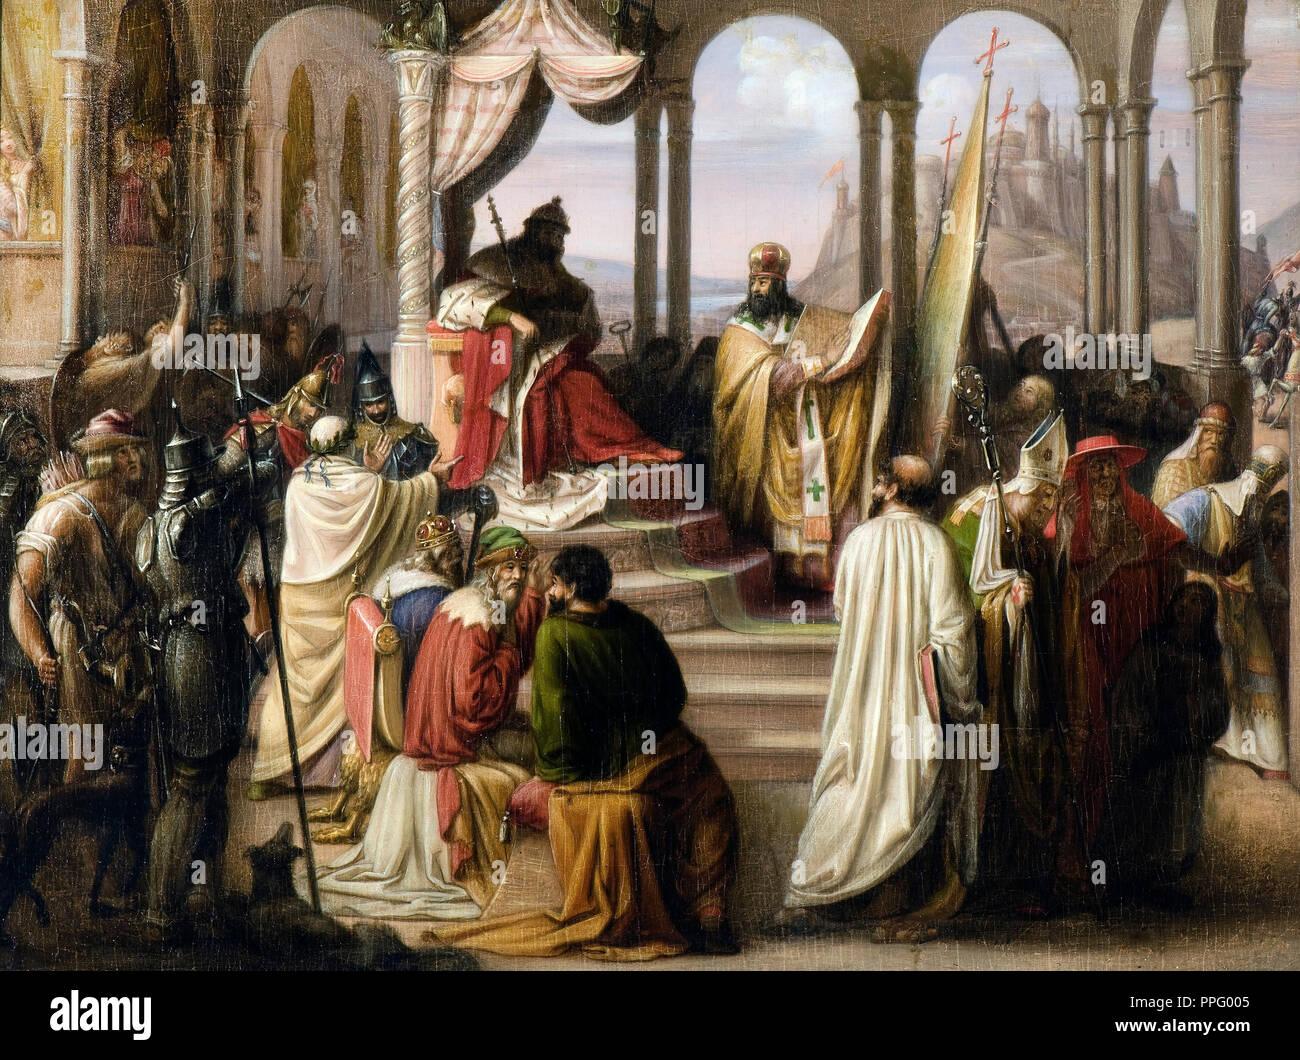 Johann Leberecht Eggink - Prince Vladimir sceglie una religione in 988. / Una disputa religiosa nella corte russa. 1822 olio su tela. Nazionale Lettone Immagini Stock